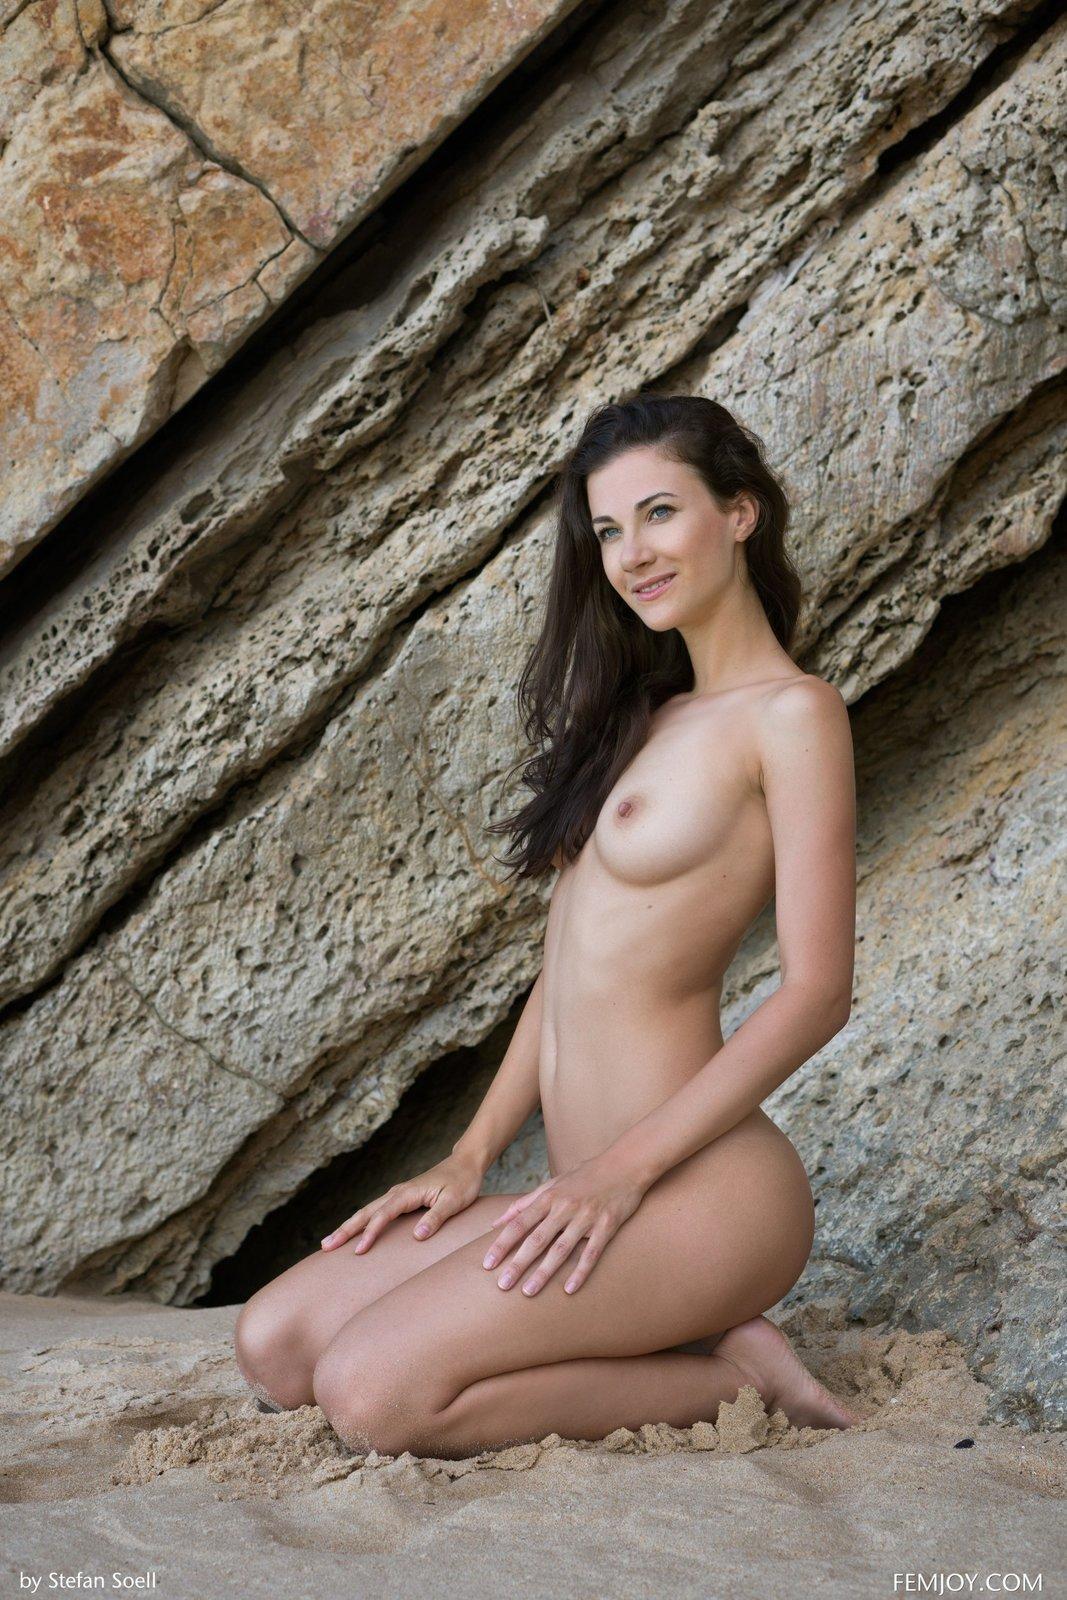 Красивая голая модель показала тело на фоне скал